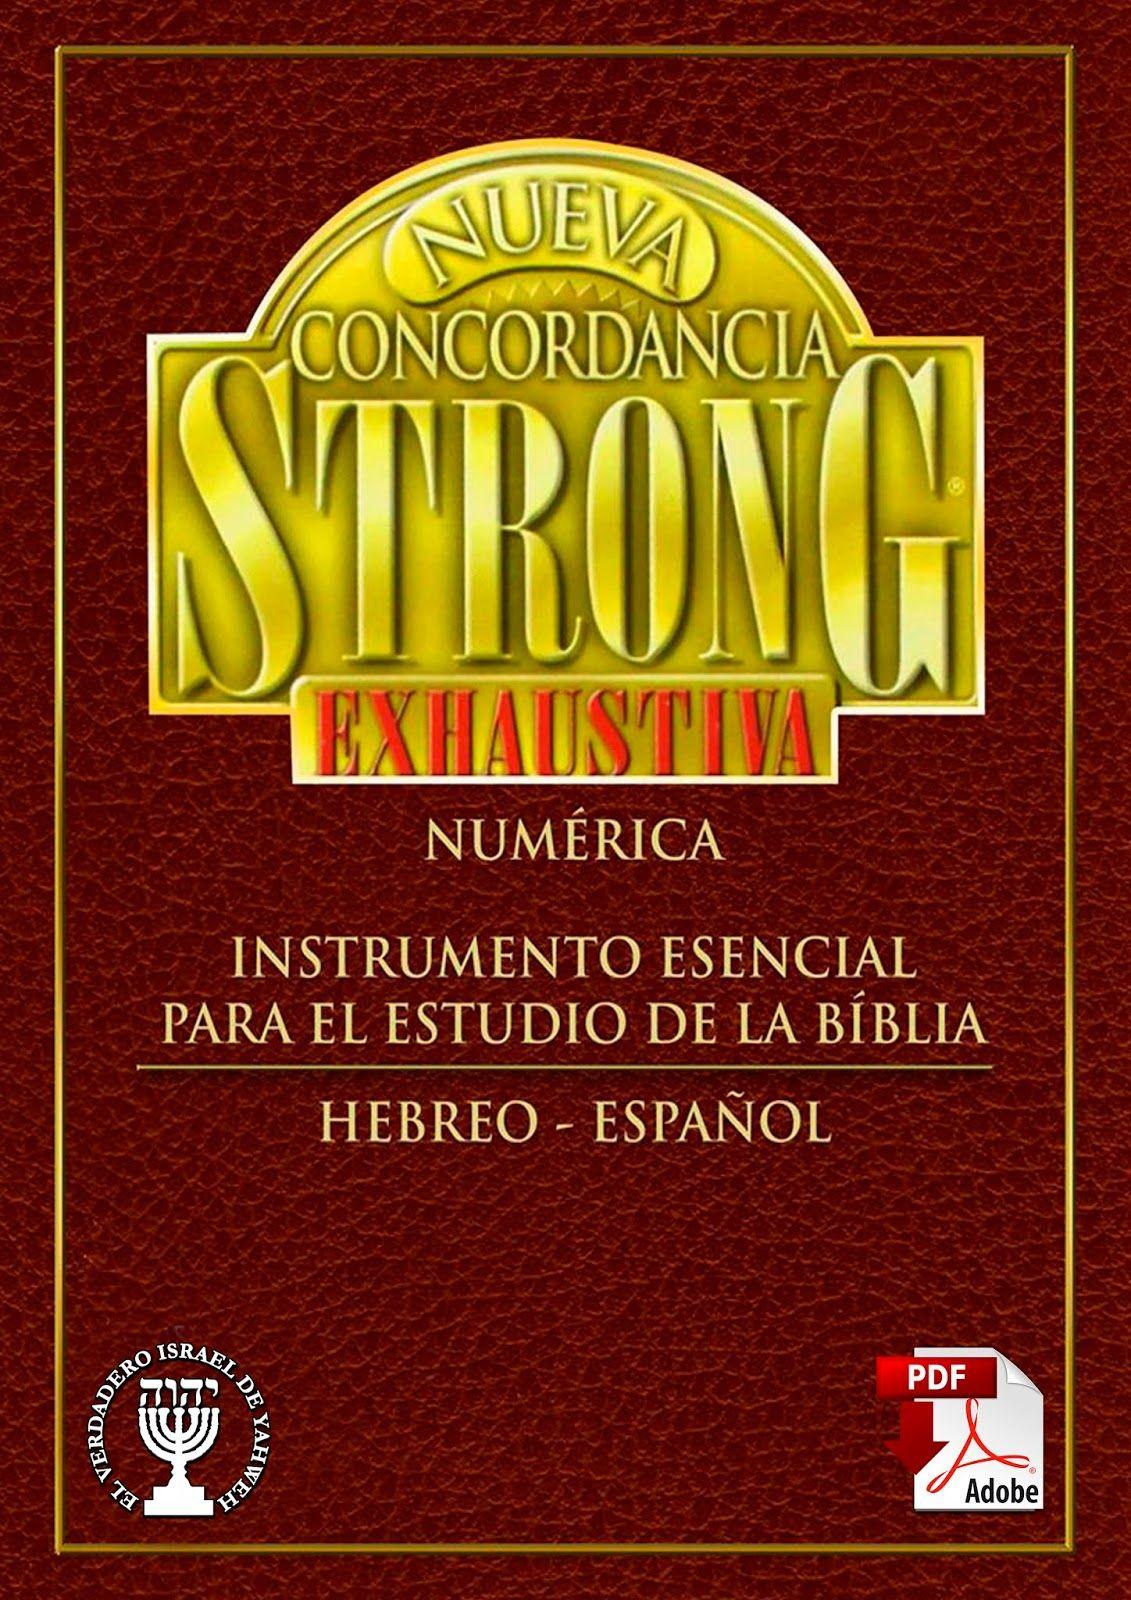 Concordancia Diccionario Strong Hebreo Espanol Puedes Contar Las